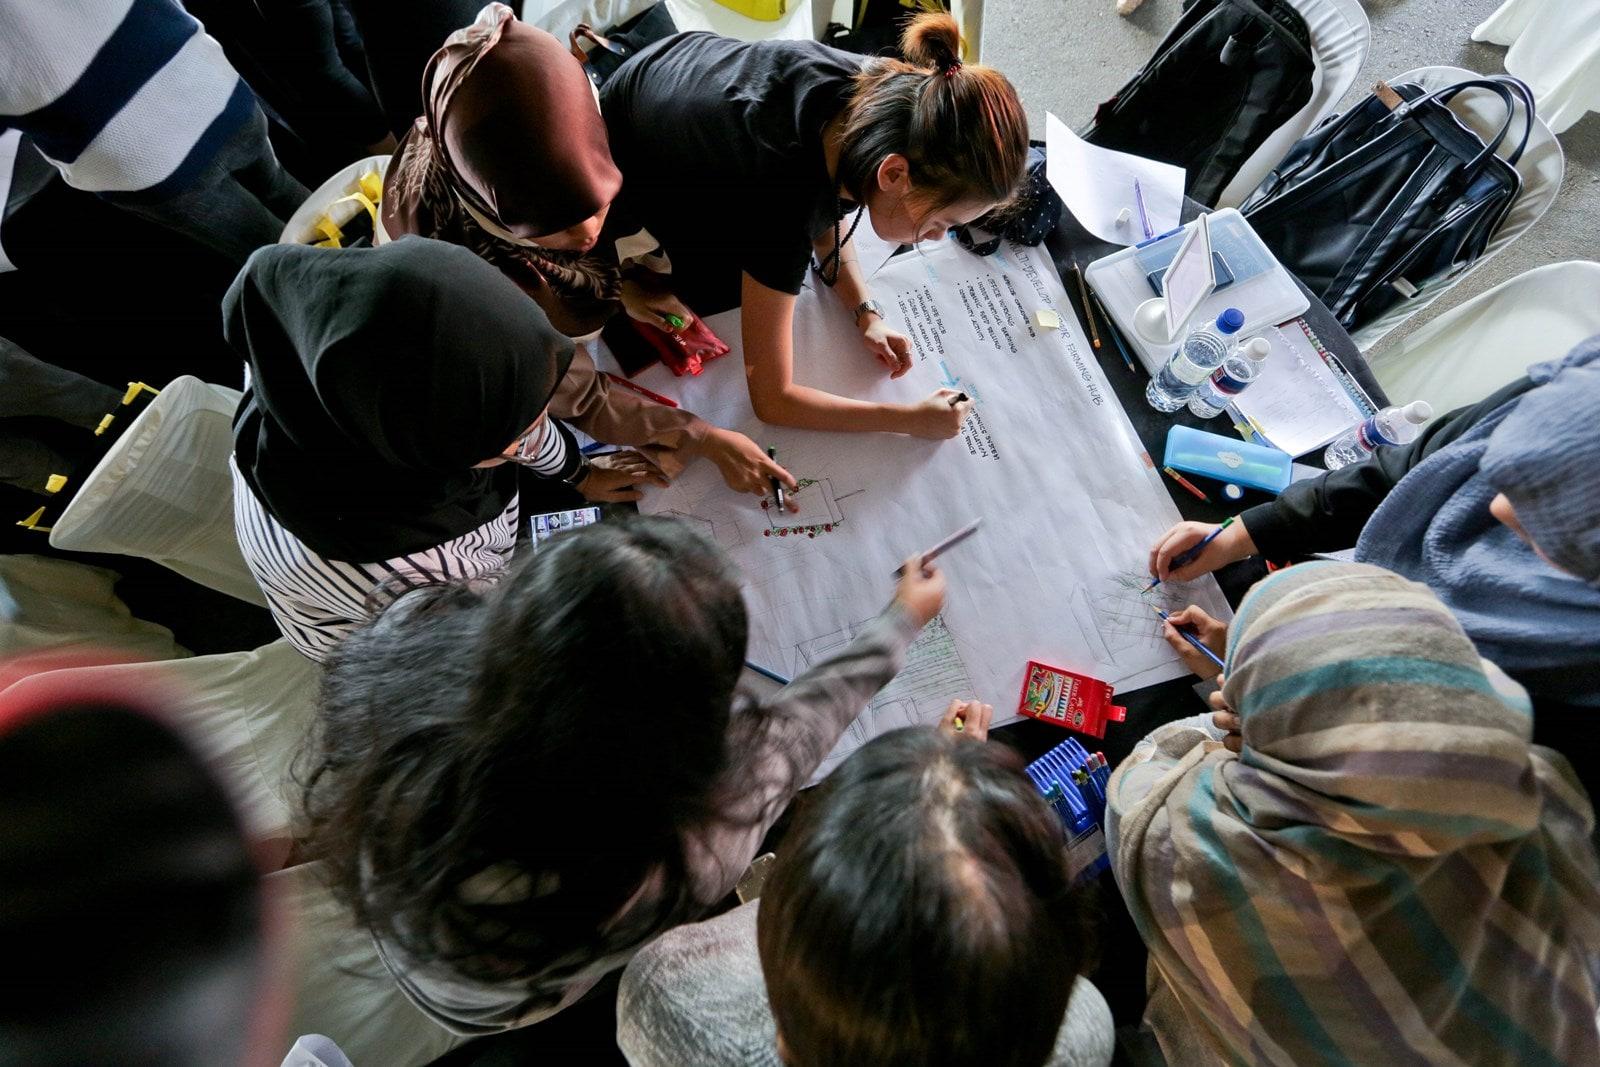 Group activity at AYDA XChange